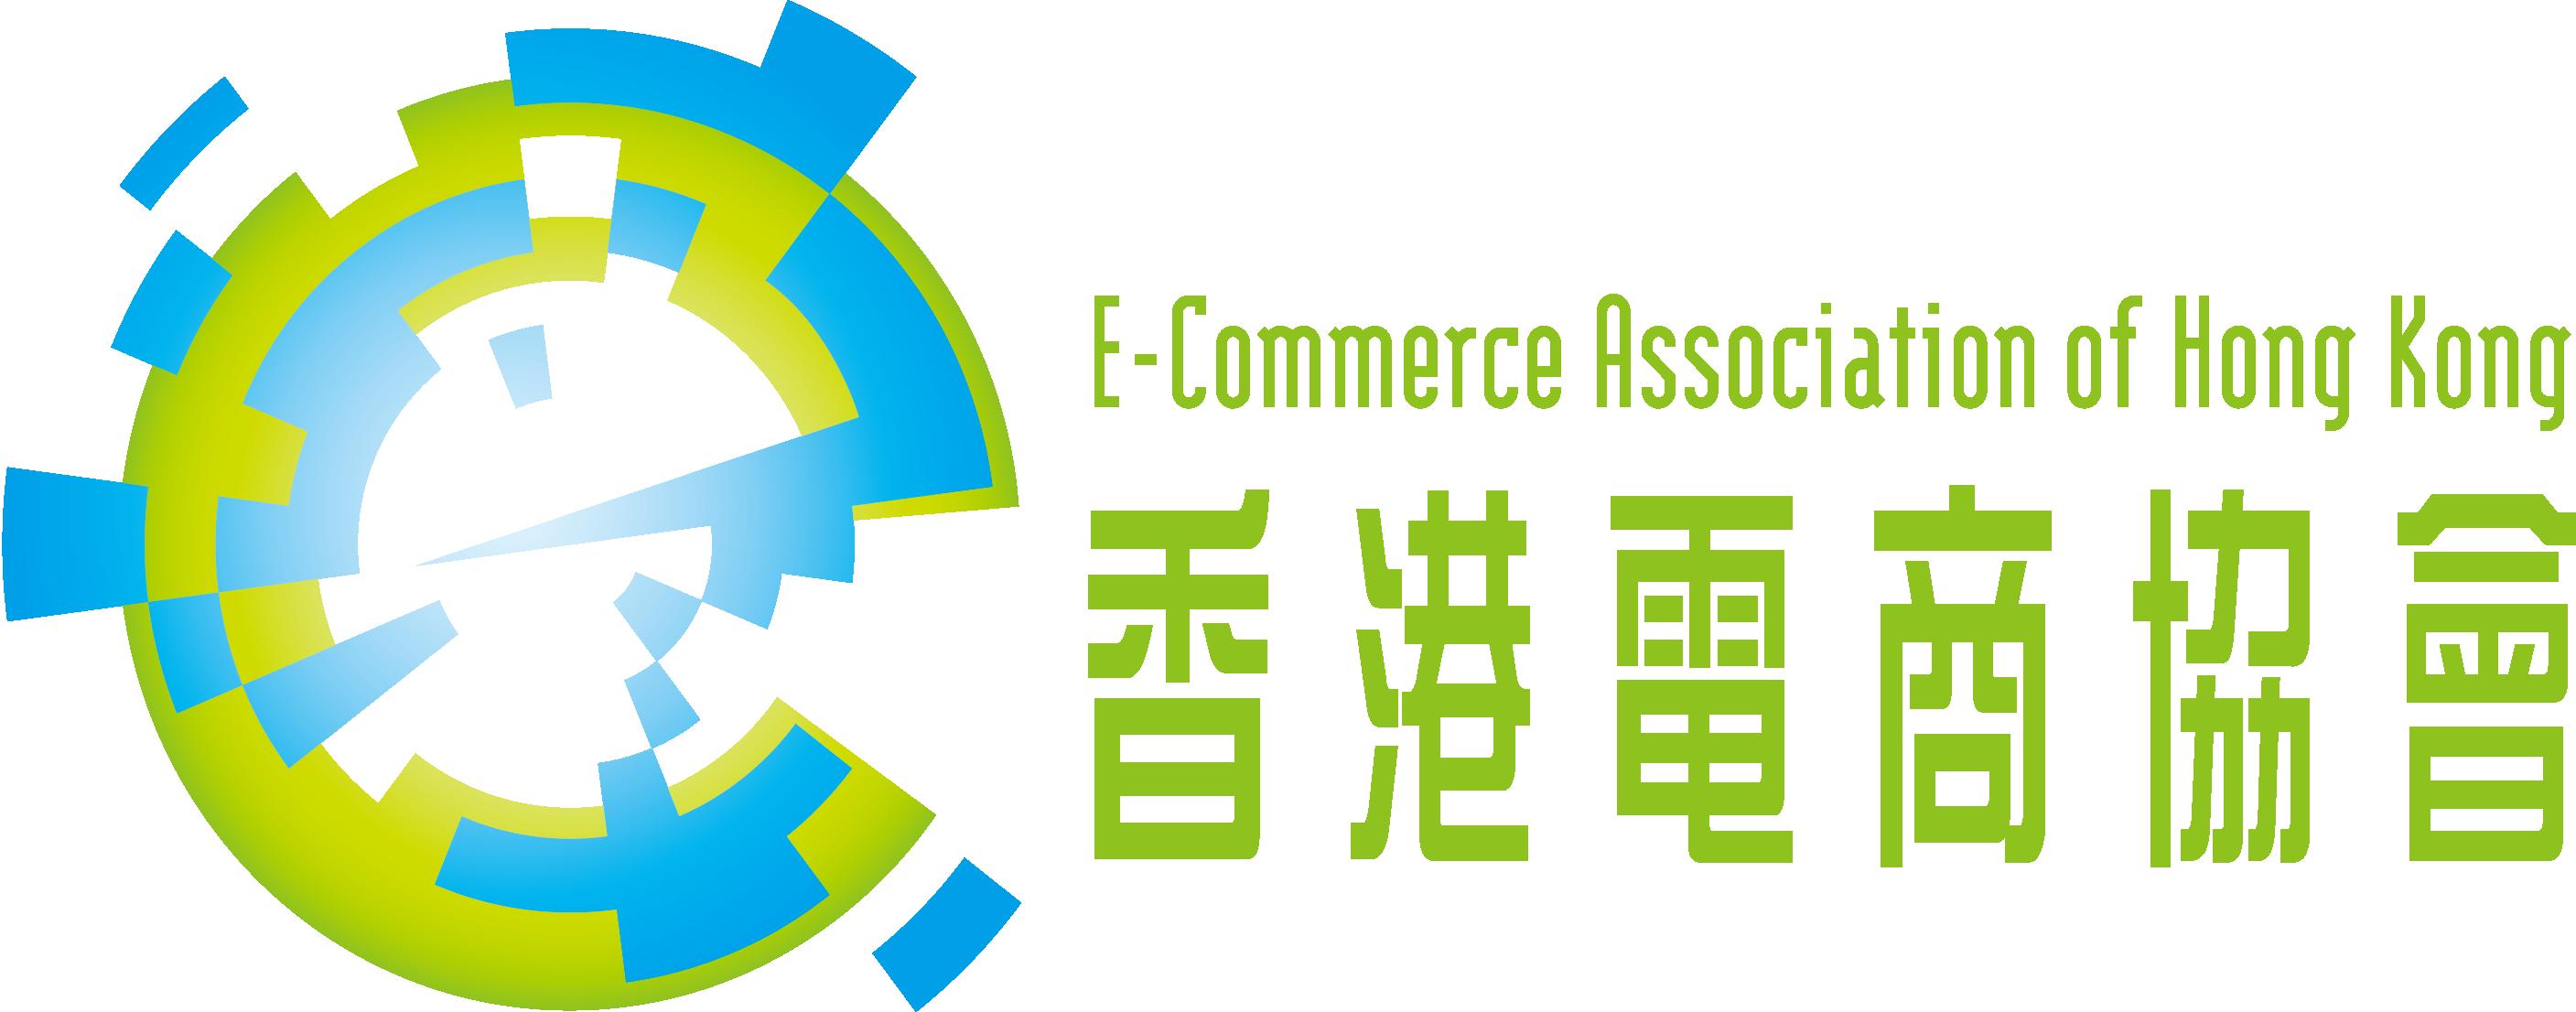 E-Commerce Association Of Hong Kong